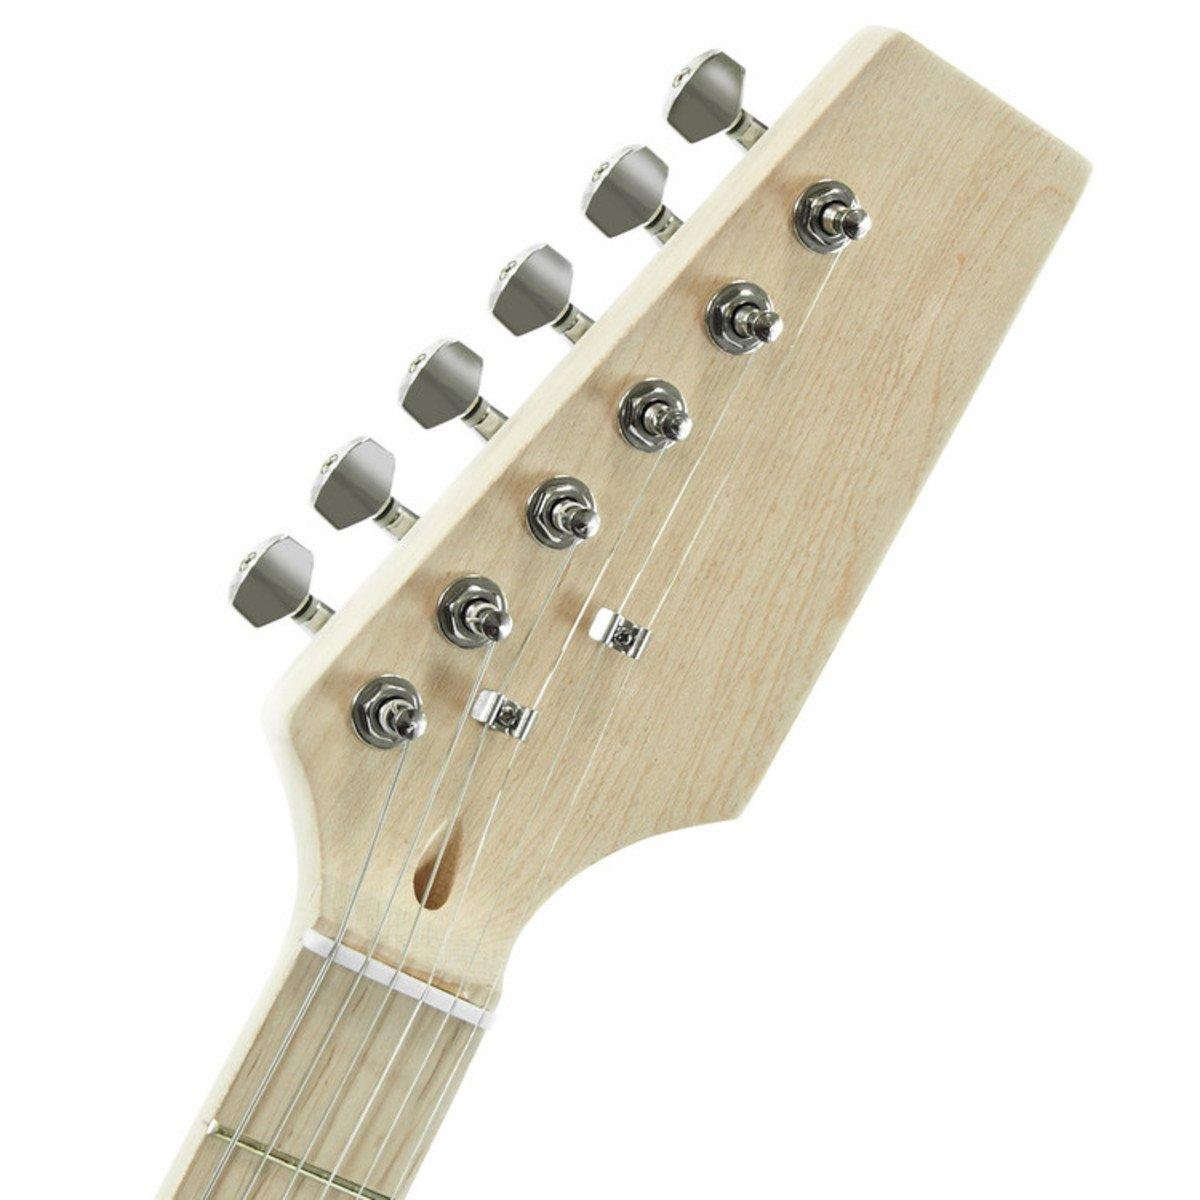 Kit de Bricolaje de Guitarra Eléctrica Knoxville - Cuerpo de Fresno: Amazon.es: Instrumentos musicales